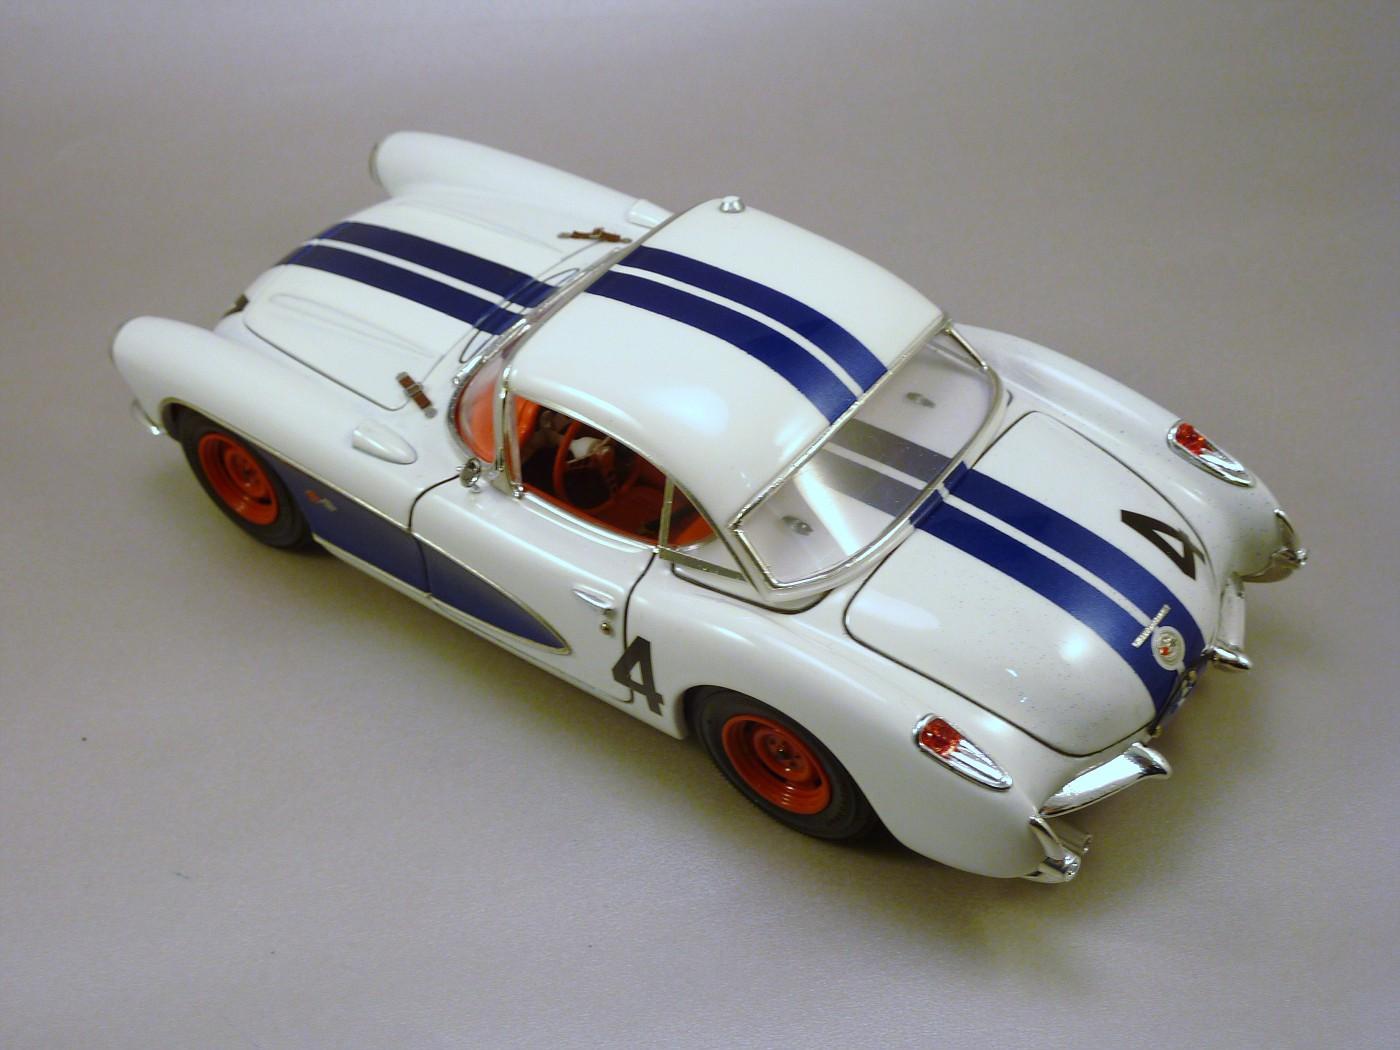 Corvette Sebring 57 terminée  RvetteSebring57DickThompson013-vi